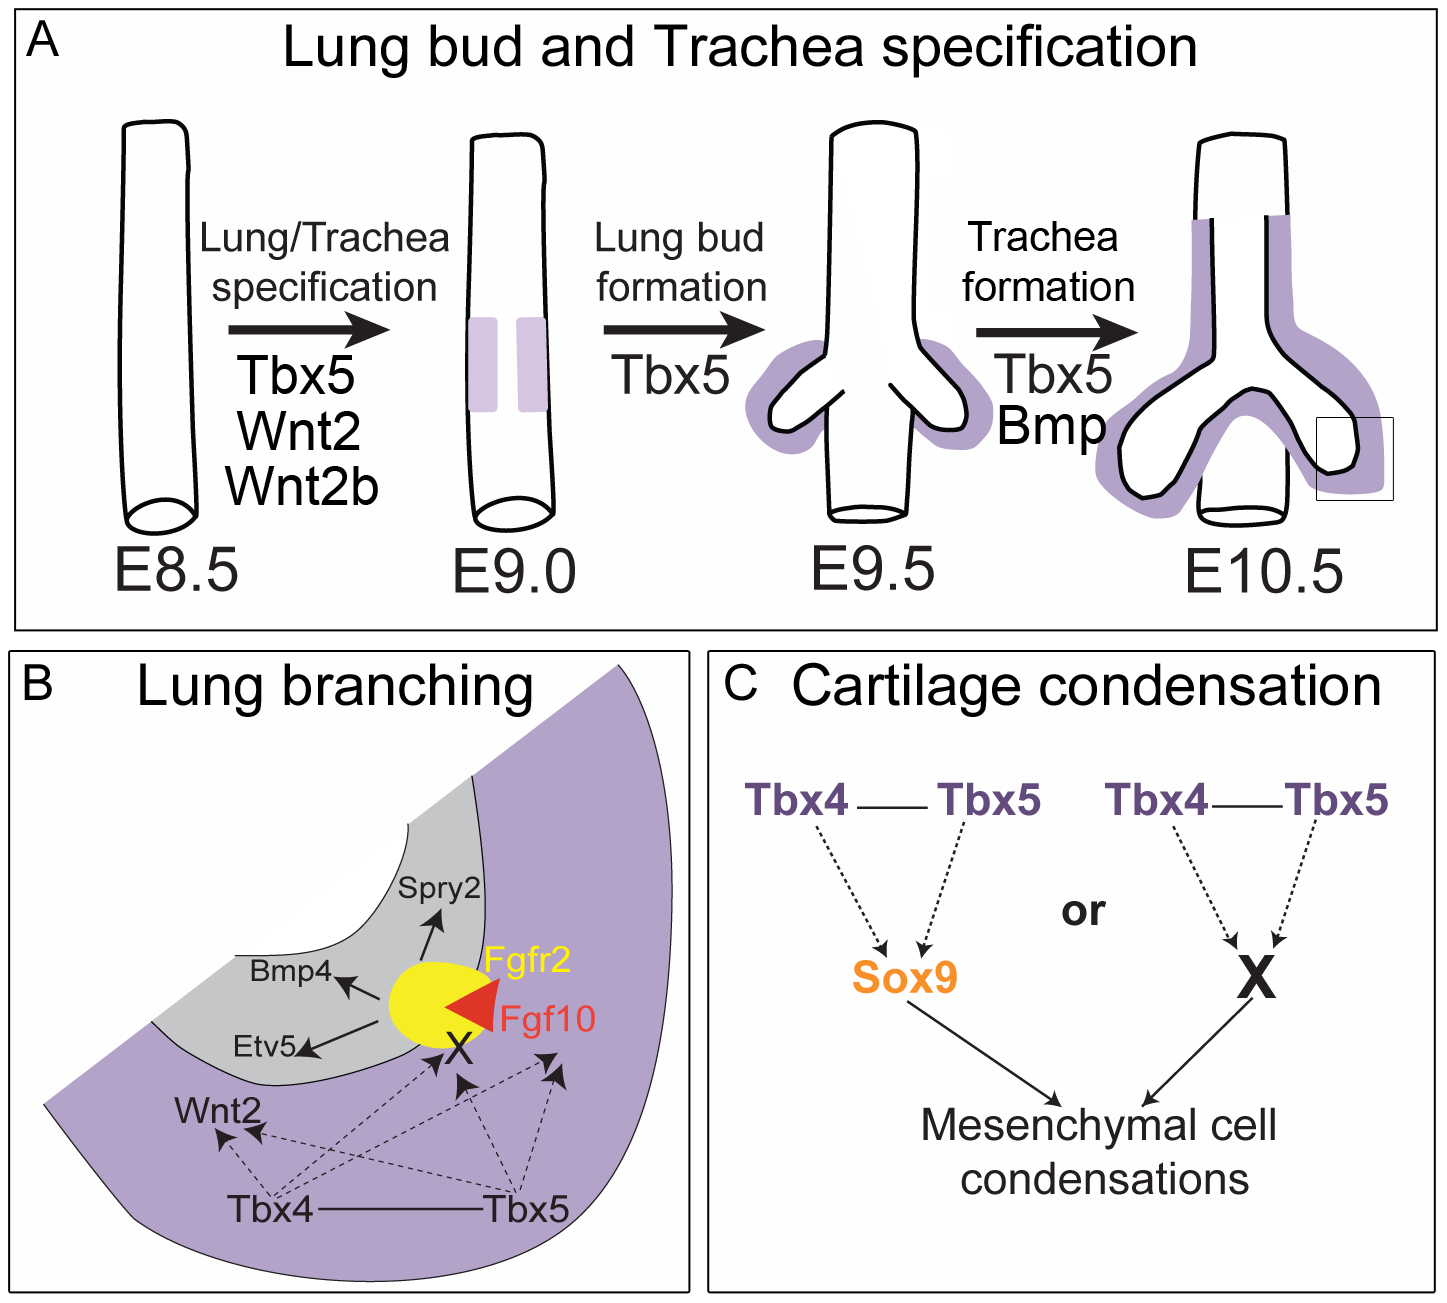 Model for the role of <i>Tbx4</i> and <i>Tbx5</i> in lung and trachea development.